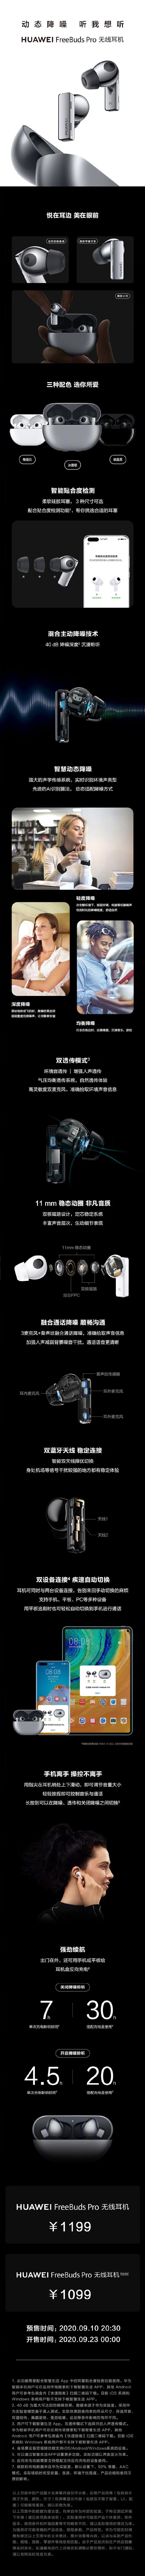 华为发布Freebuds Pro无线耳机:全球首发动态降噪 1099元起